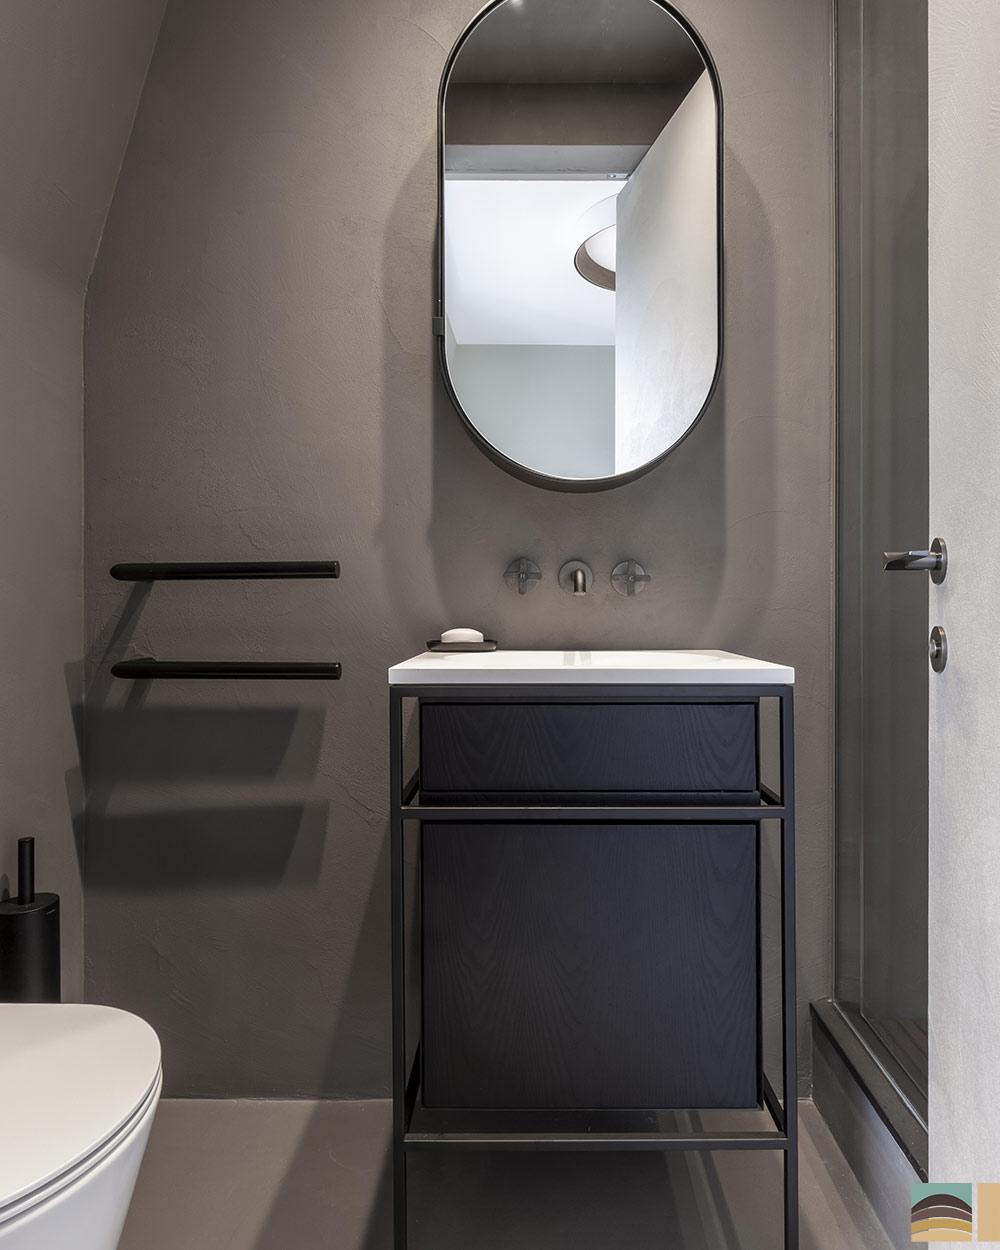 Rénovation d'appartement - Mayfair, Londres 4